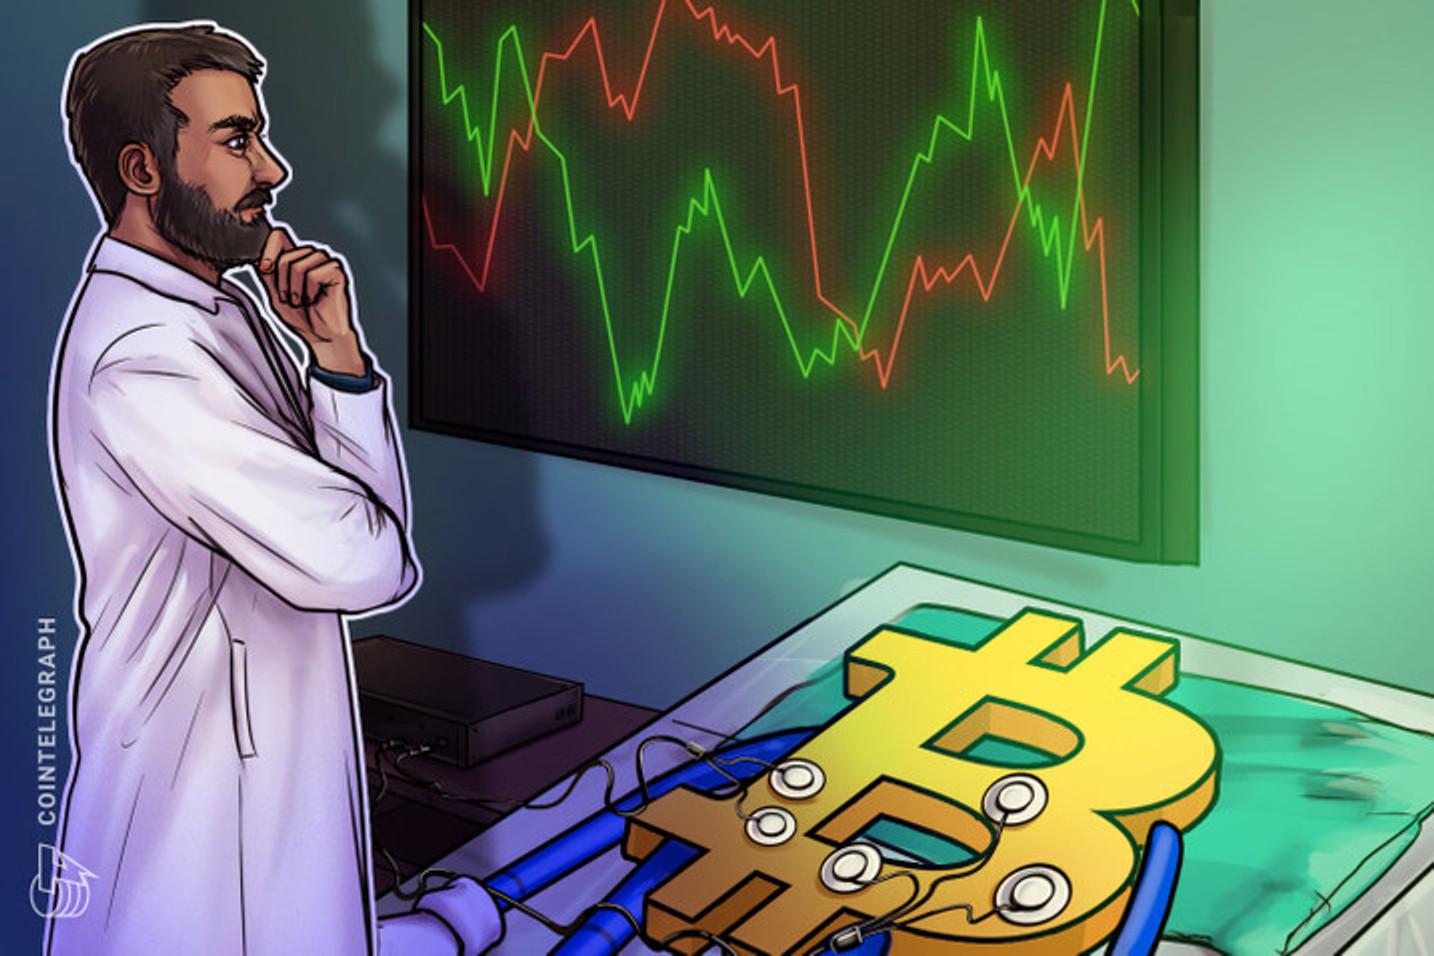 Para el CEO de Crypto Digital Group, el precio de bitcoin podría estar próximo a un movimiento bajista importante